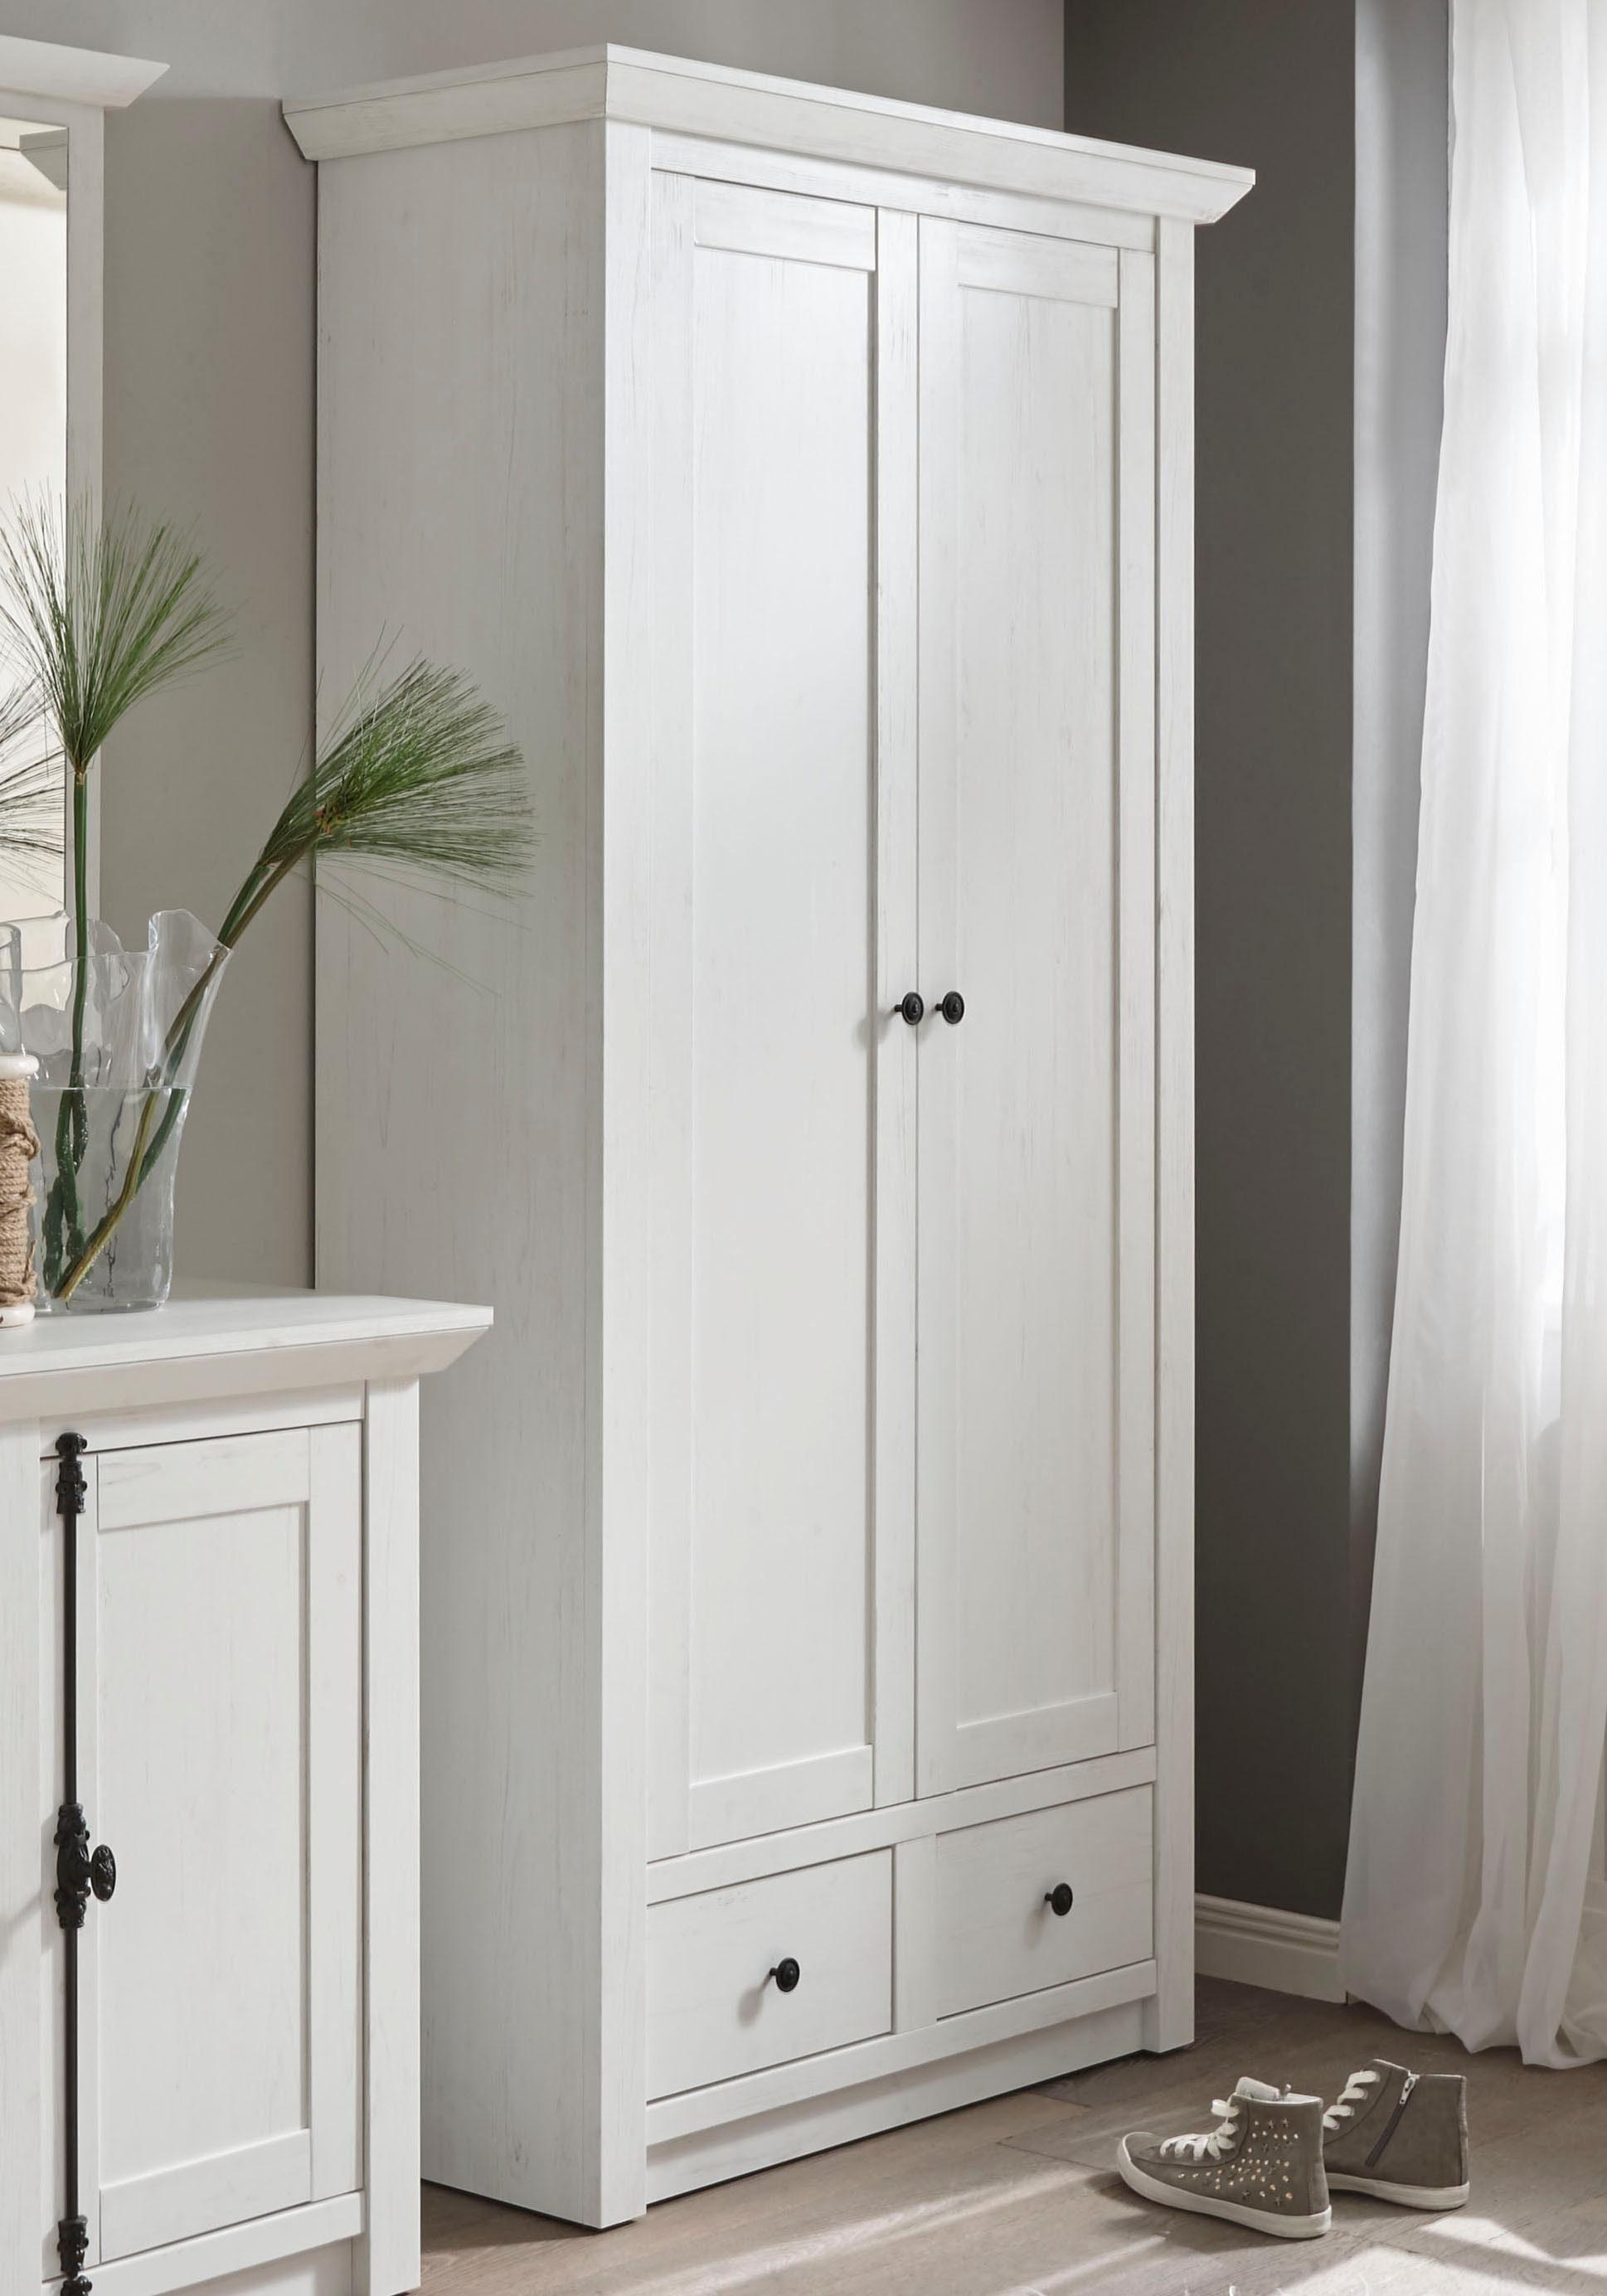 Kleiderschranke Ebay Gebraucht Barock Schlafzimmer Bettdecken